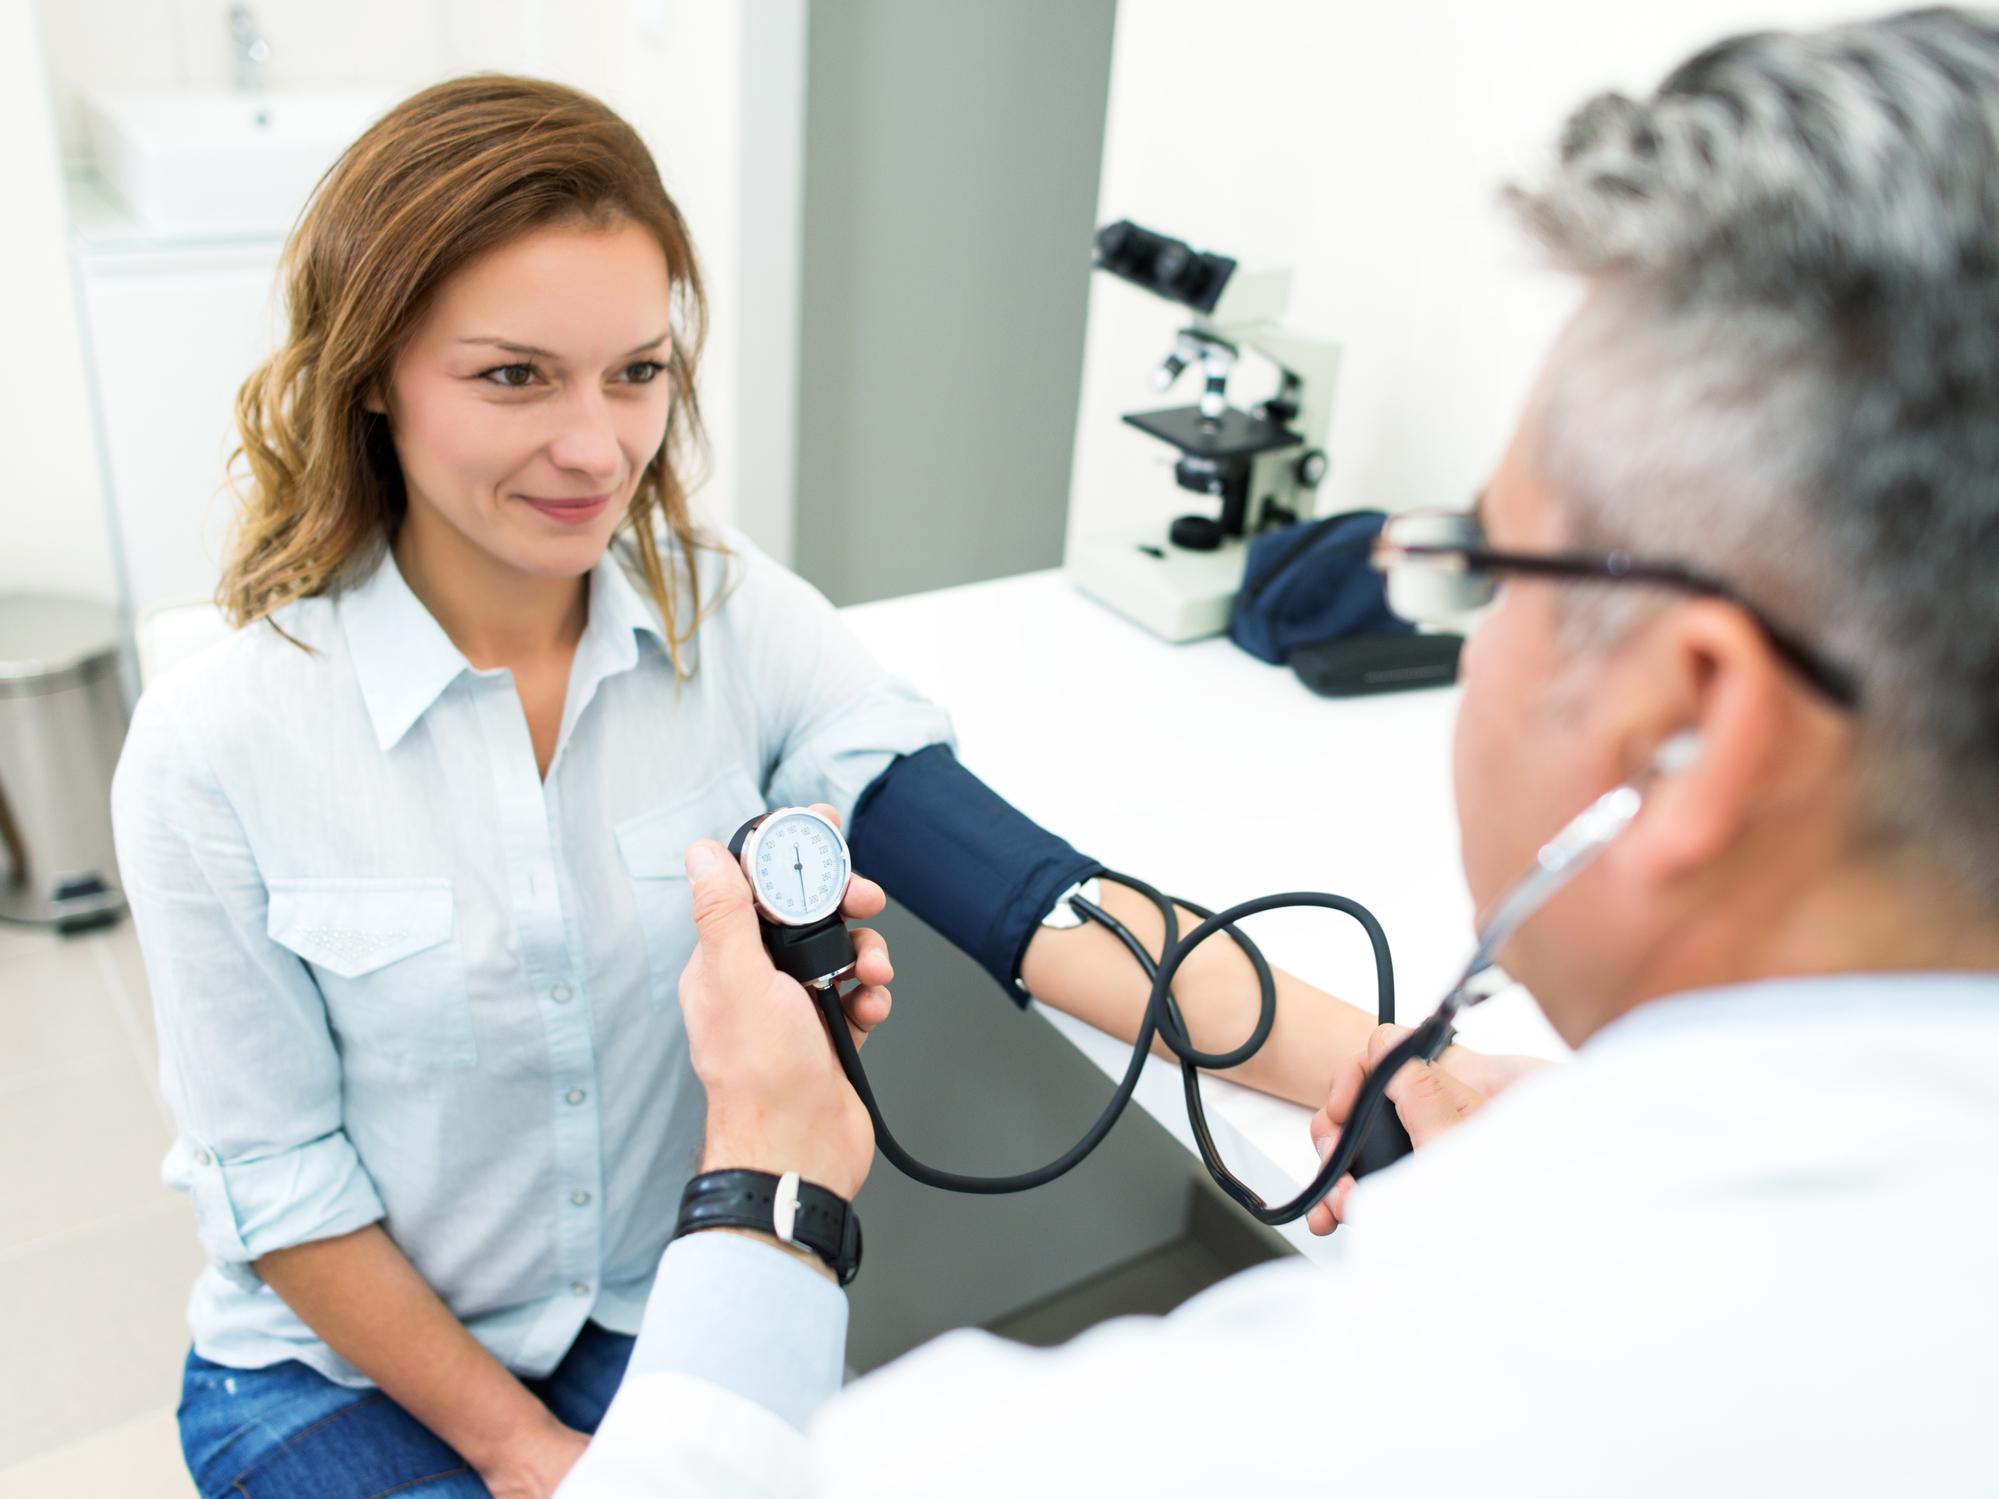 hatékony népi gyógymódok a magas vérnyomásról vélemények magas vérnyomás elleni gyógyszerek és étrend-kiegészítők